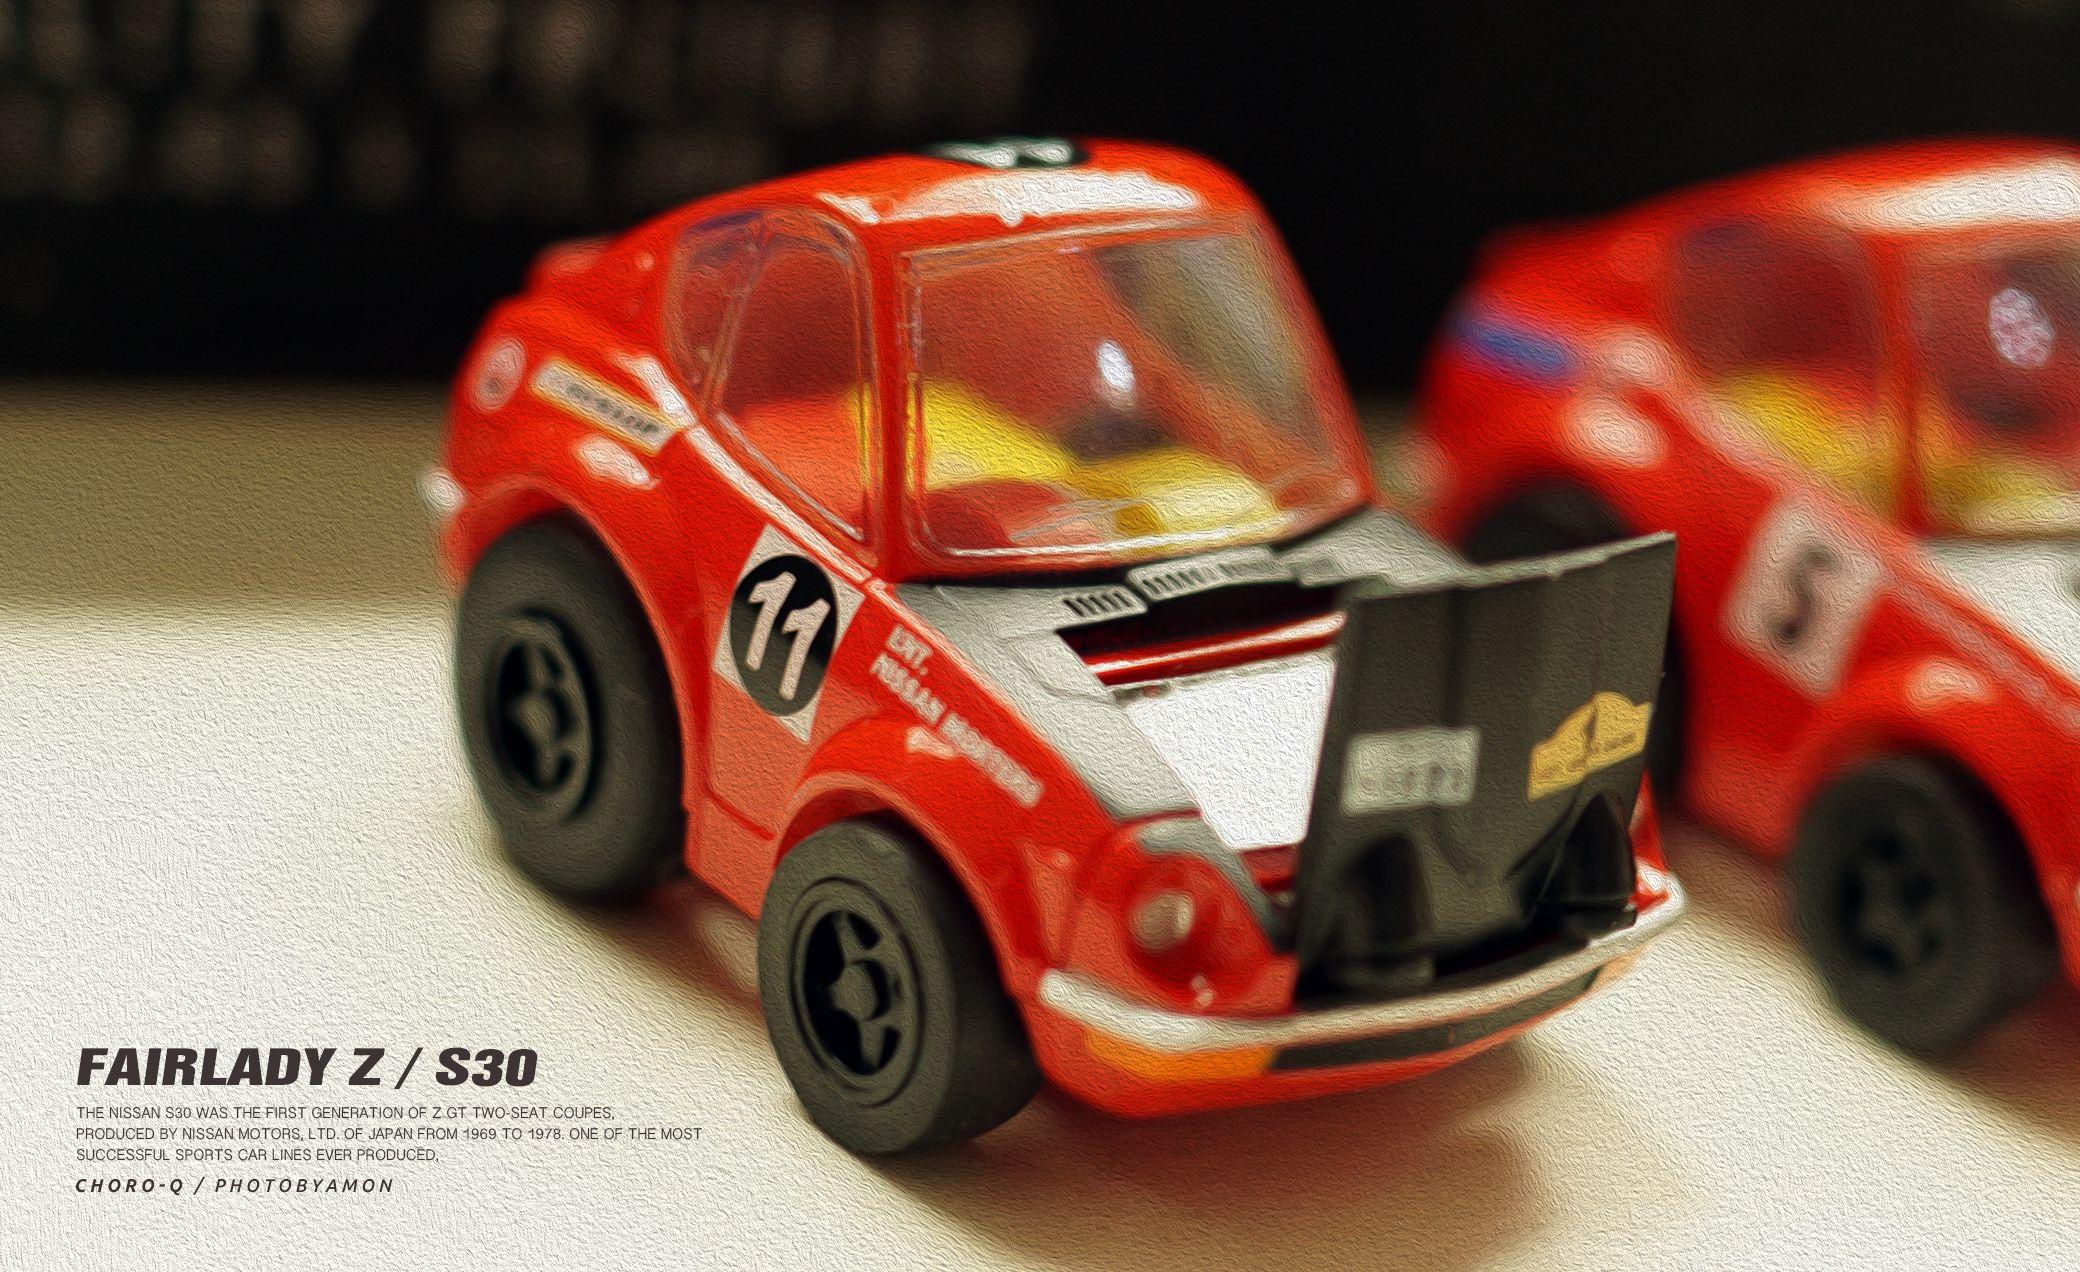 Photo By Amon Smart Cars Choro Q Q Car Fairlady Z S30 Toy Car Car Photo